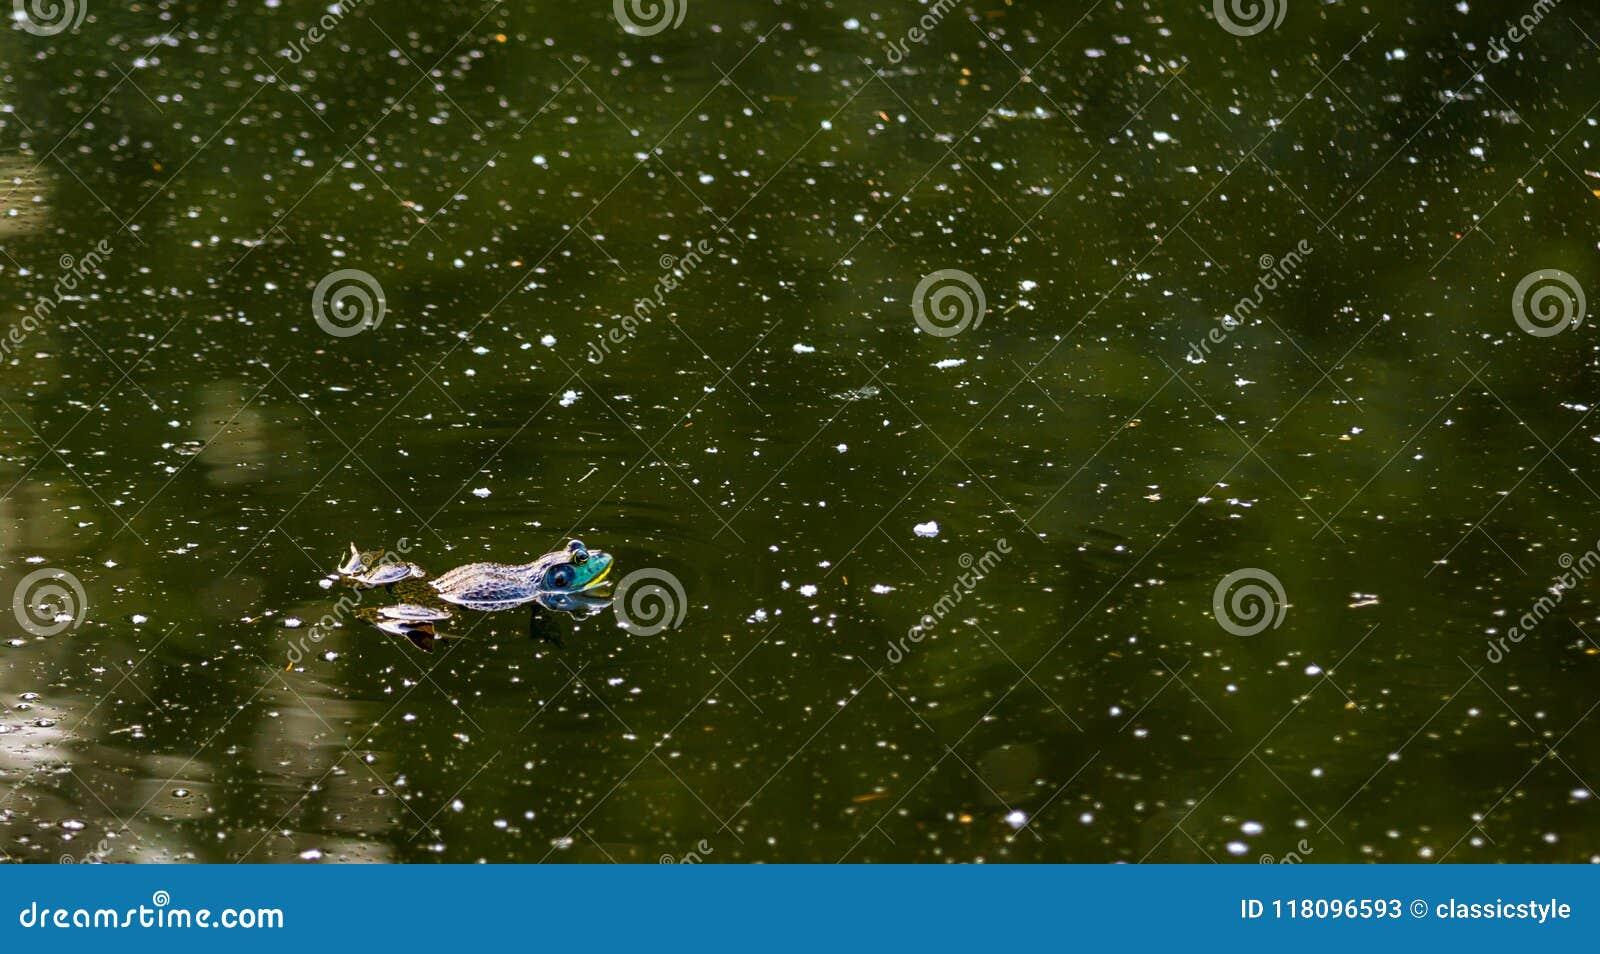 Grenouille mugissante américaine flottant dans un étang vert sombre